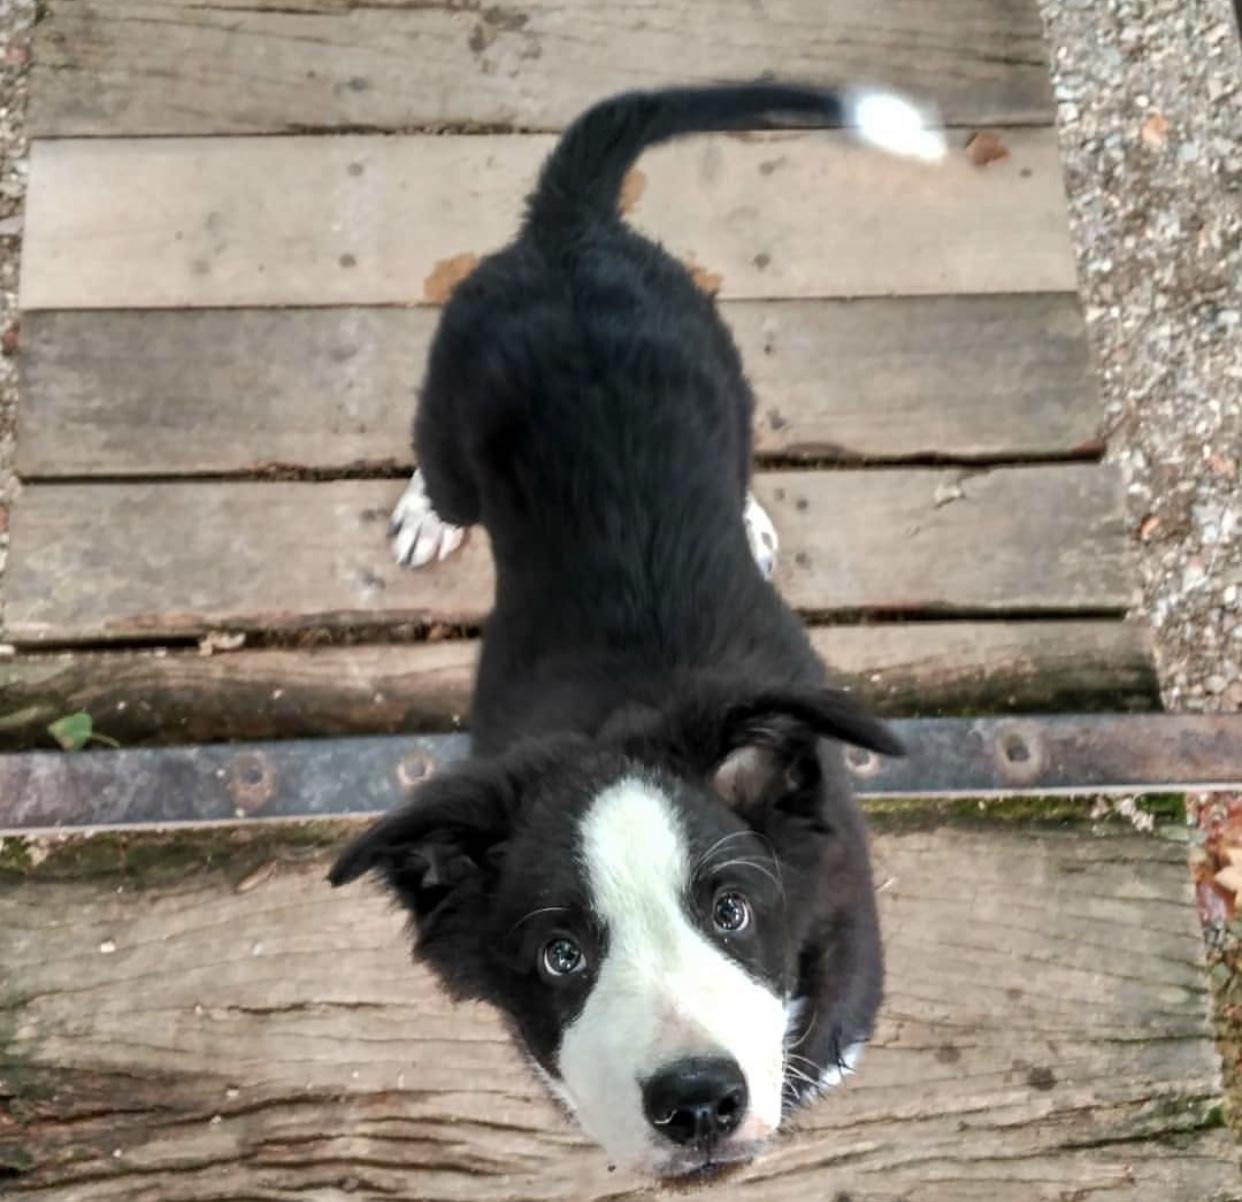 septiembre '18 - SiD   Sid, es un cachorro de Border Collie de 3 meses. Es súper bueno, le encanta complacer a su dueño y jugar todo el dia sin parar.  Le encanta el agua, sea de río, de mar o de un charco de agua. Le encantan los paseos largos, ir con sus amidogs a pasear o ha corretar por el campo, ir al PipíCan o ir por la ciudad.  Lo ADOPTAMOS con 2 meses, era una bolita de pelo blanca y negra, mordía todo lo que le venía de paso, nos cojía los zapatos y nos veías correr por toda la casa intentandolo cojer, pero lo mejor era cuando estabamos mirando una película y se ponía con nosotros sin decir nada o cuando estabamos comiendo y nos miraba con los ojitos de cachorrito para que le dieramos un trozo.